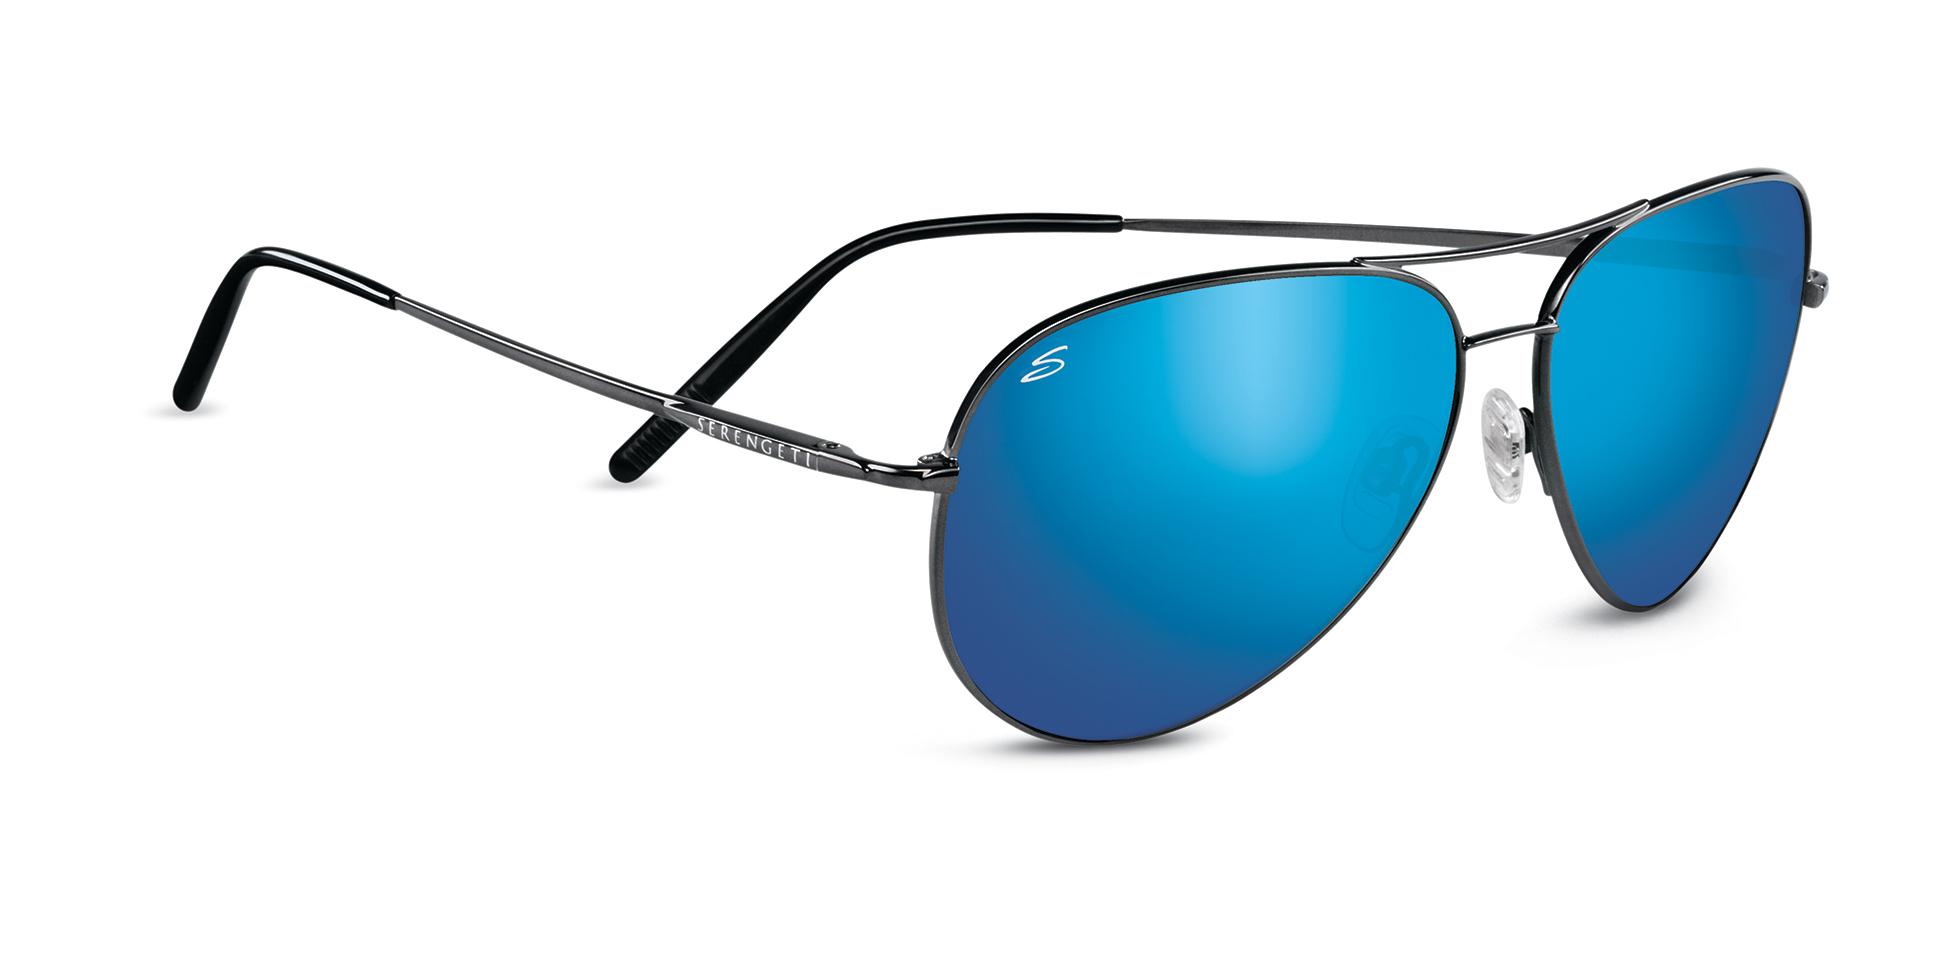 b2e393c778c Serengeti Aviator Sunglasses FREE S H 6826